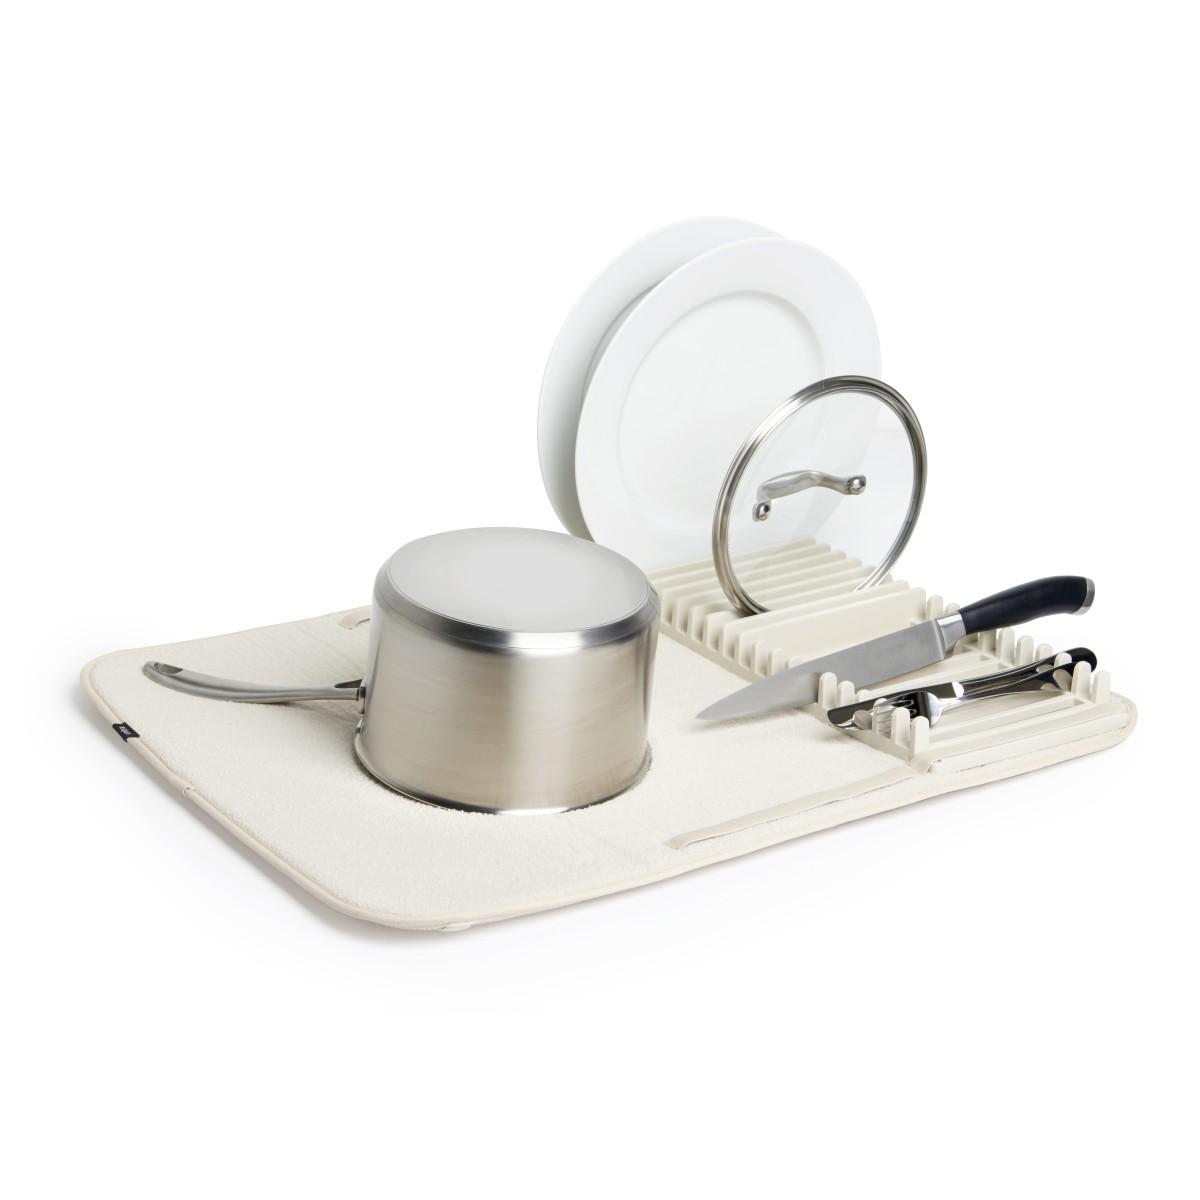 Odkapávač na nádobí Udry béžový